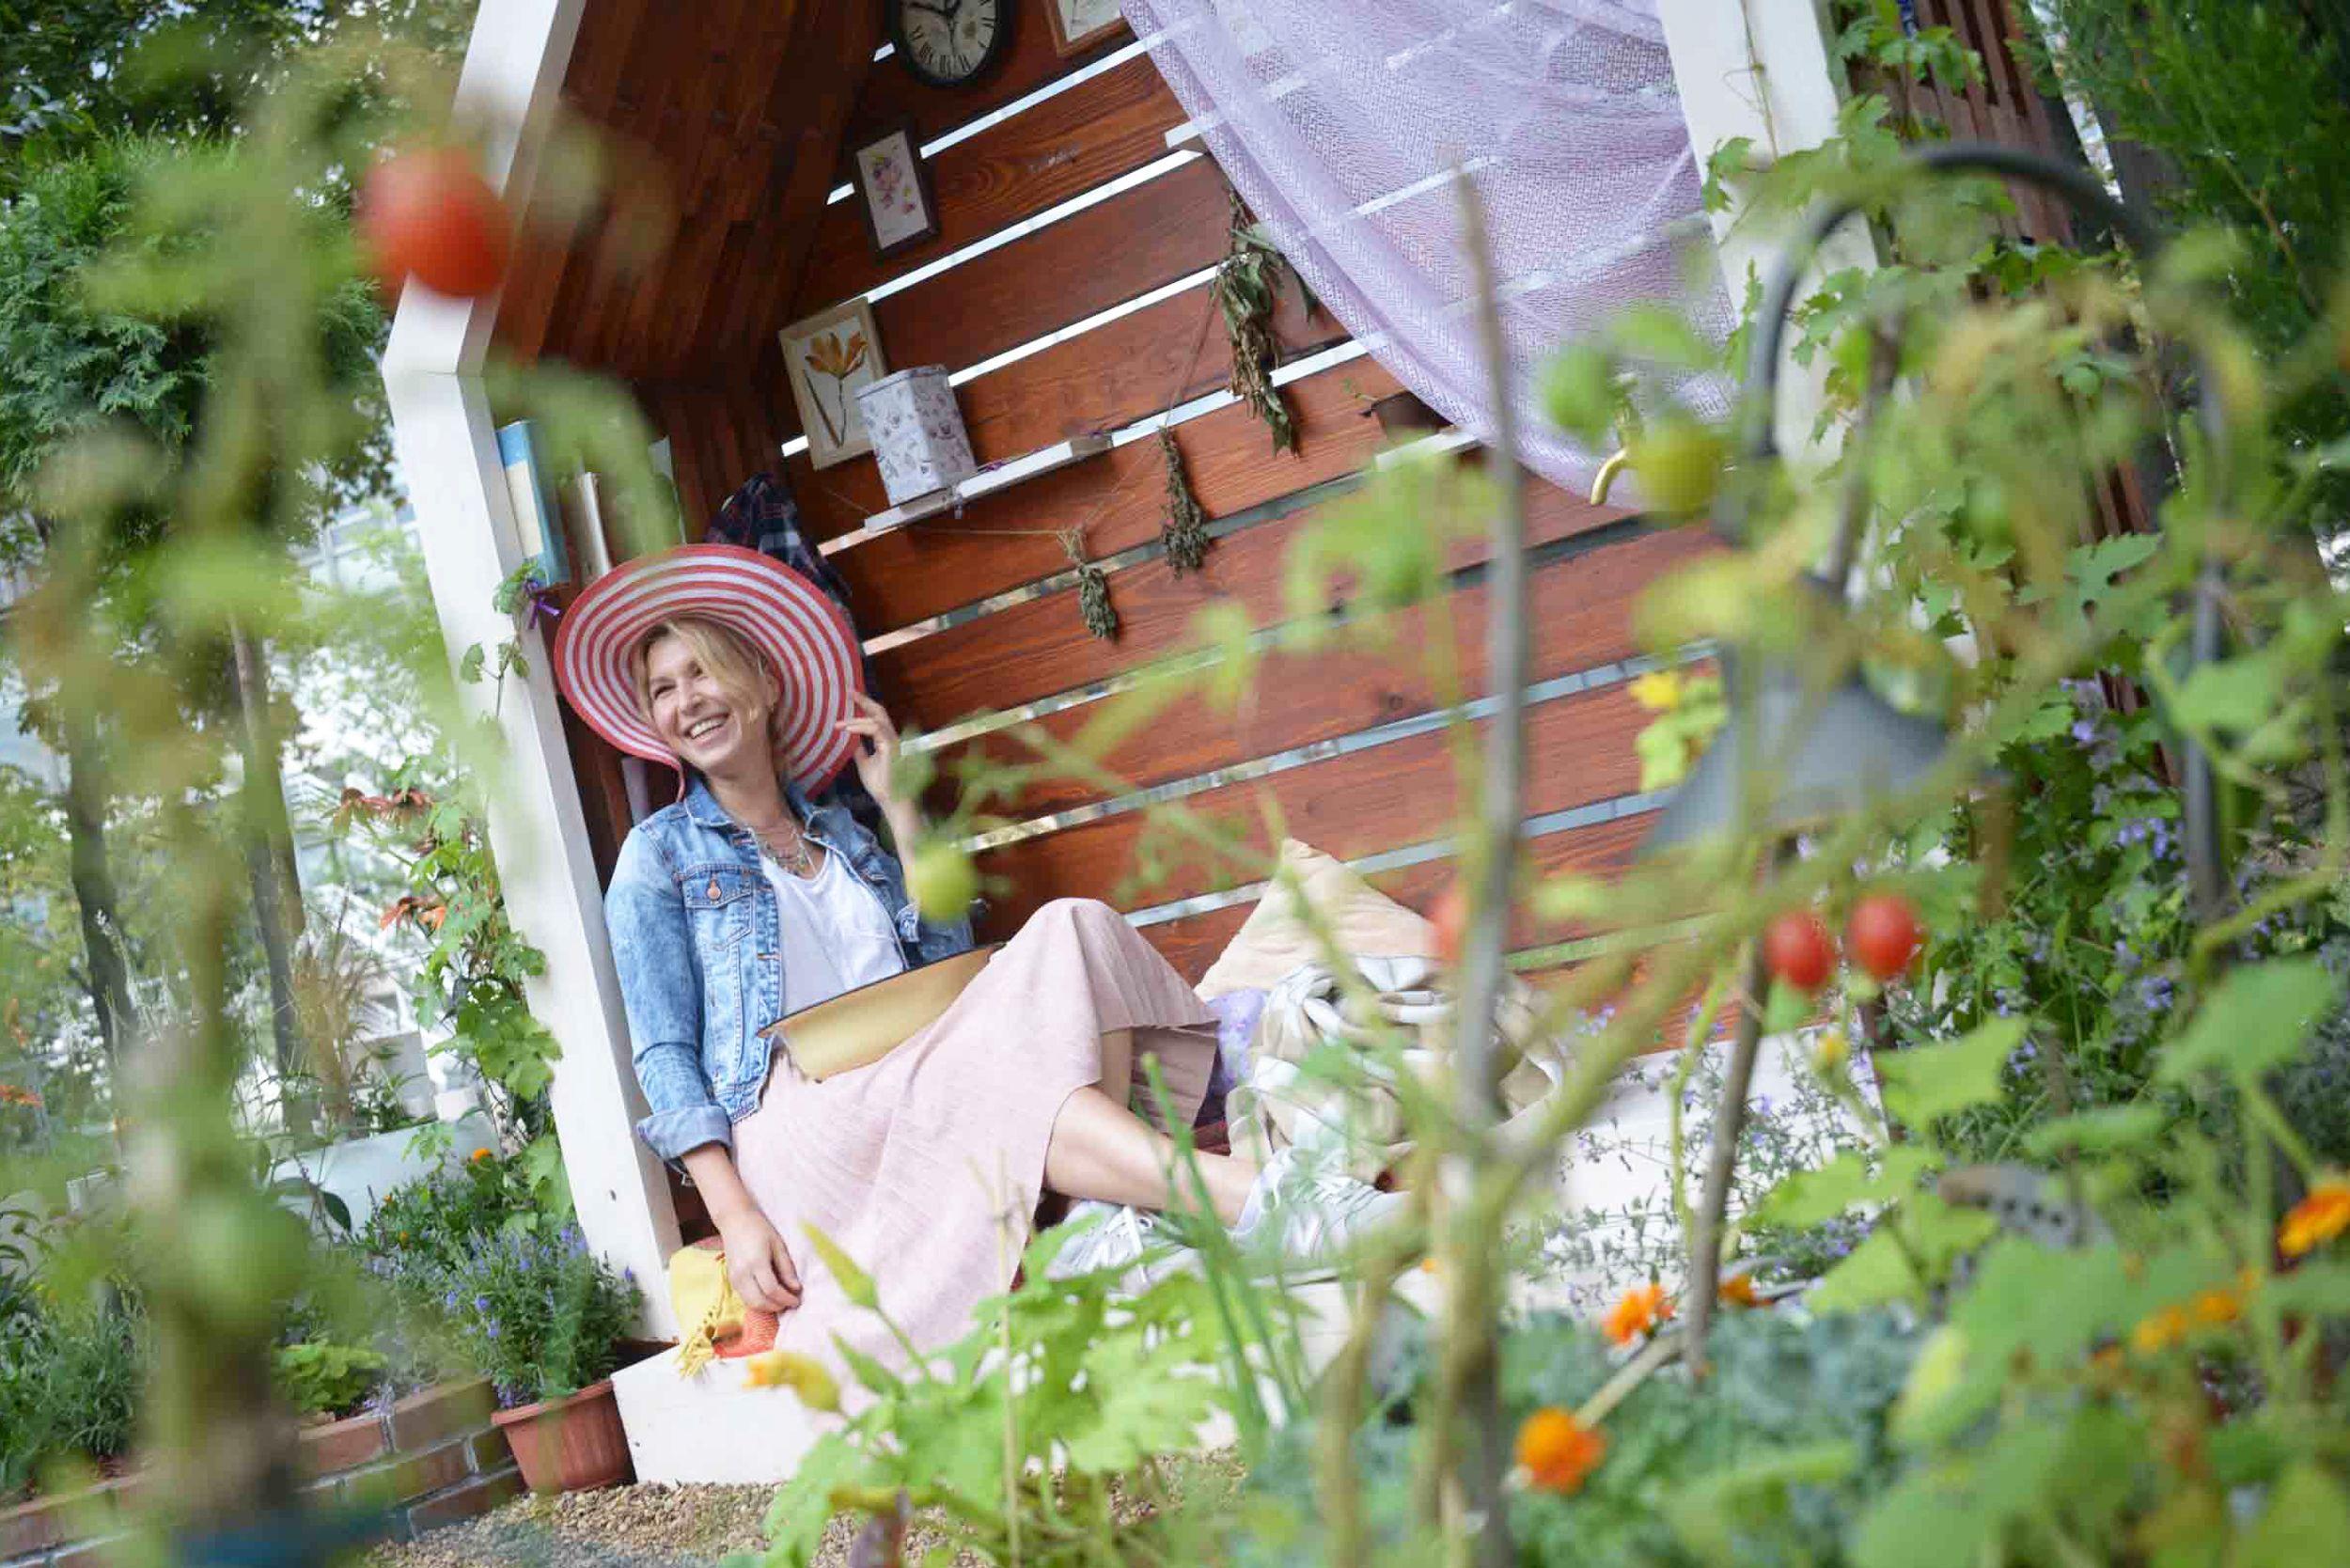 Пять летних садов появятся в Москве. Фото:Наталья Феоктистов